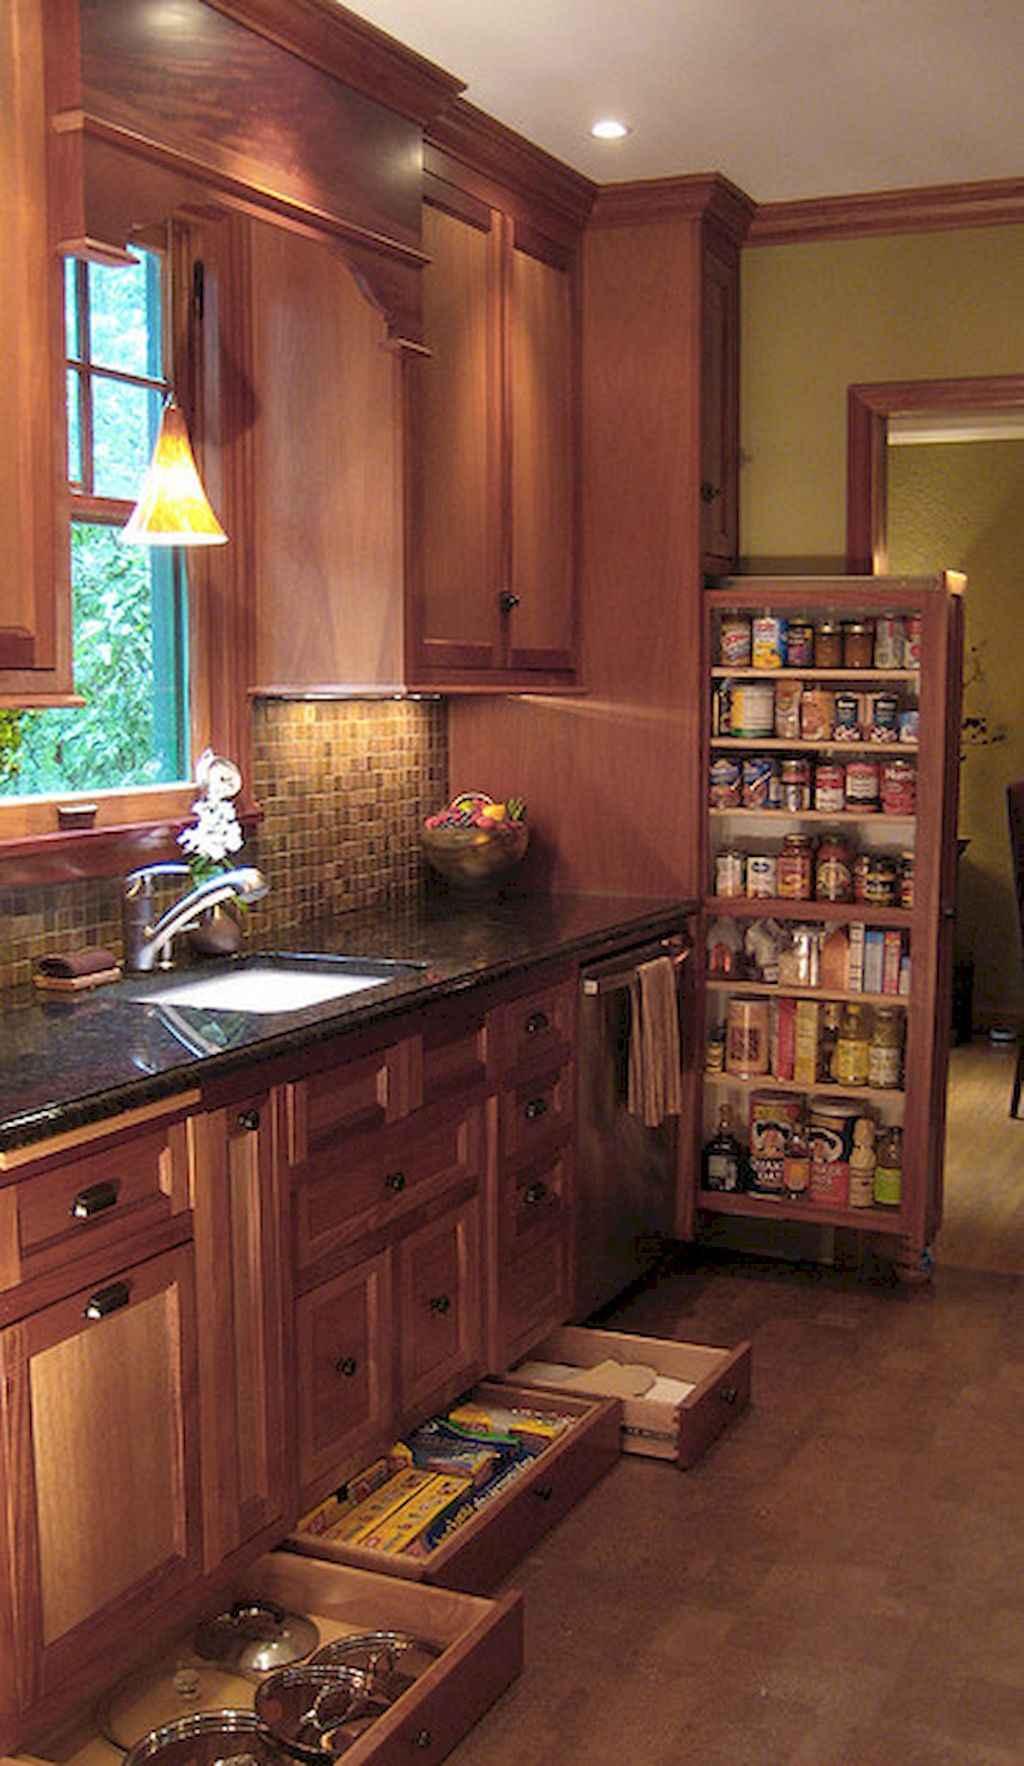 Ingenious hidden kitchen cabinet & storage solutions (5)